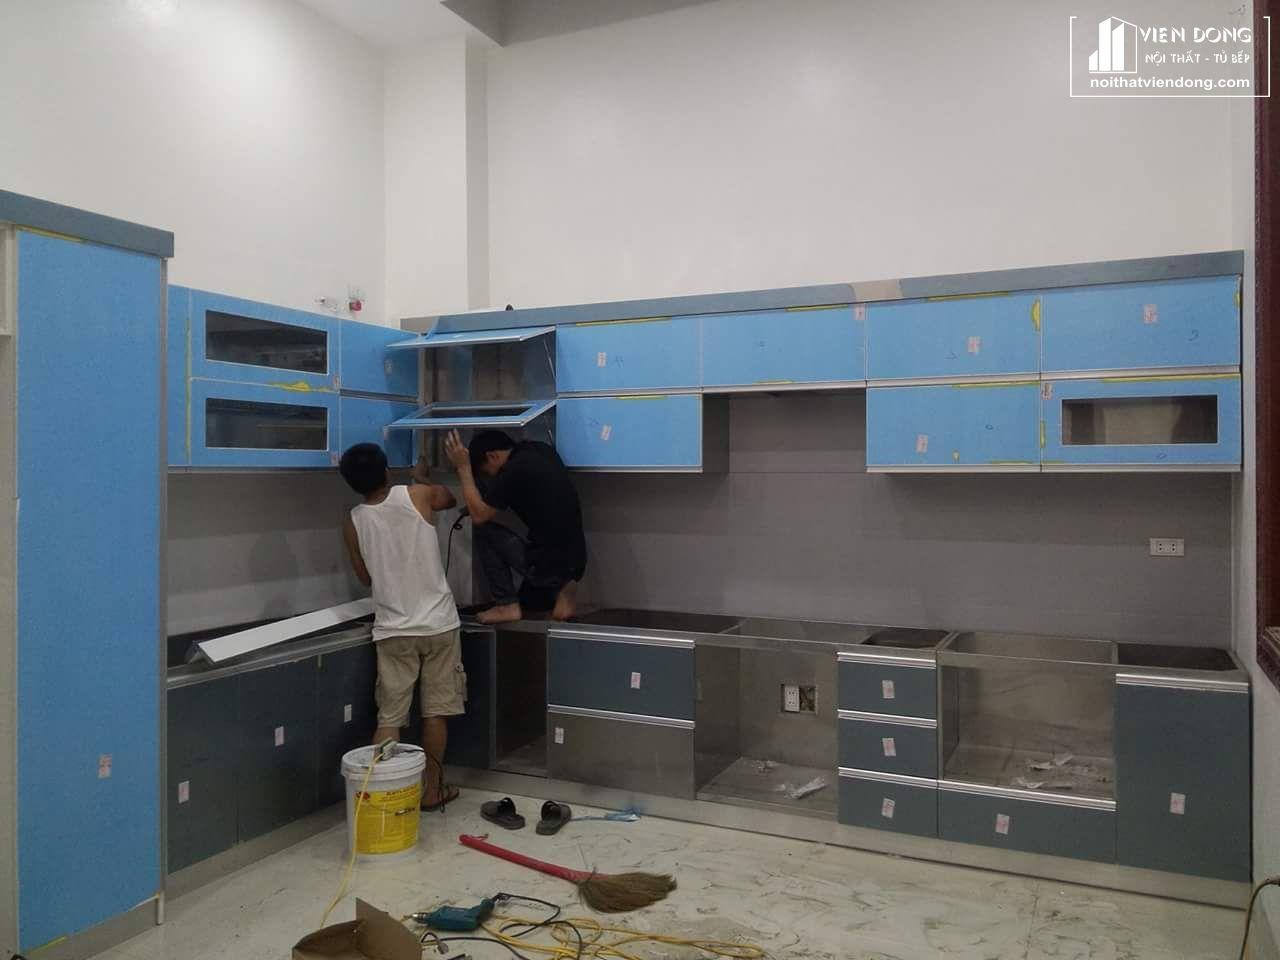 mẫu tủ bếp inox 304 đang trong quá trình thi công, lắp đặt